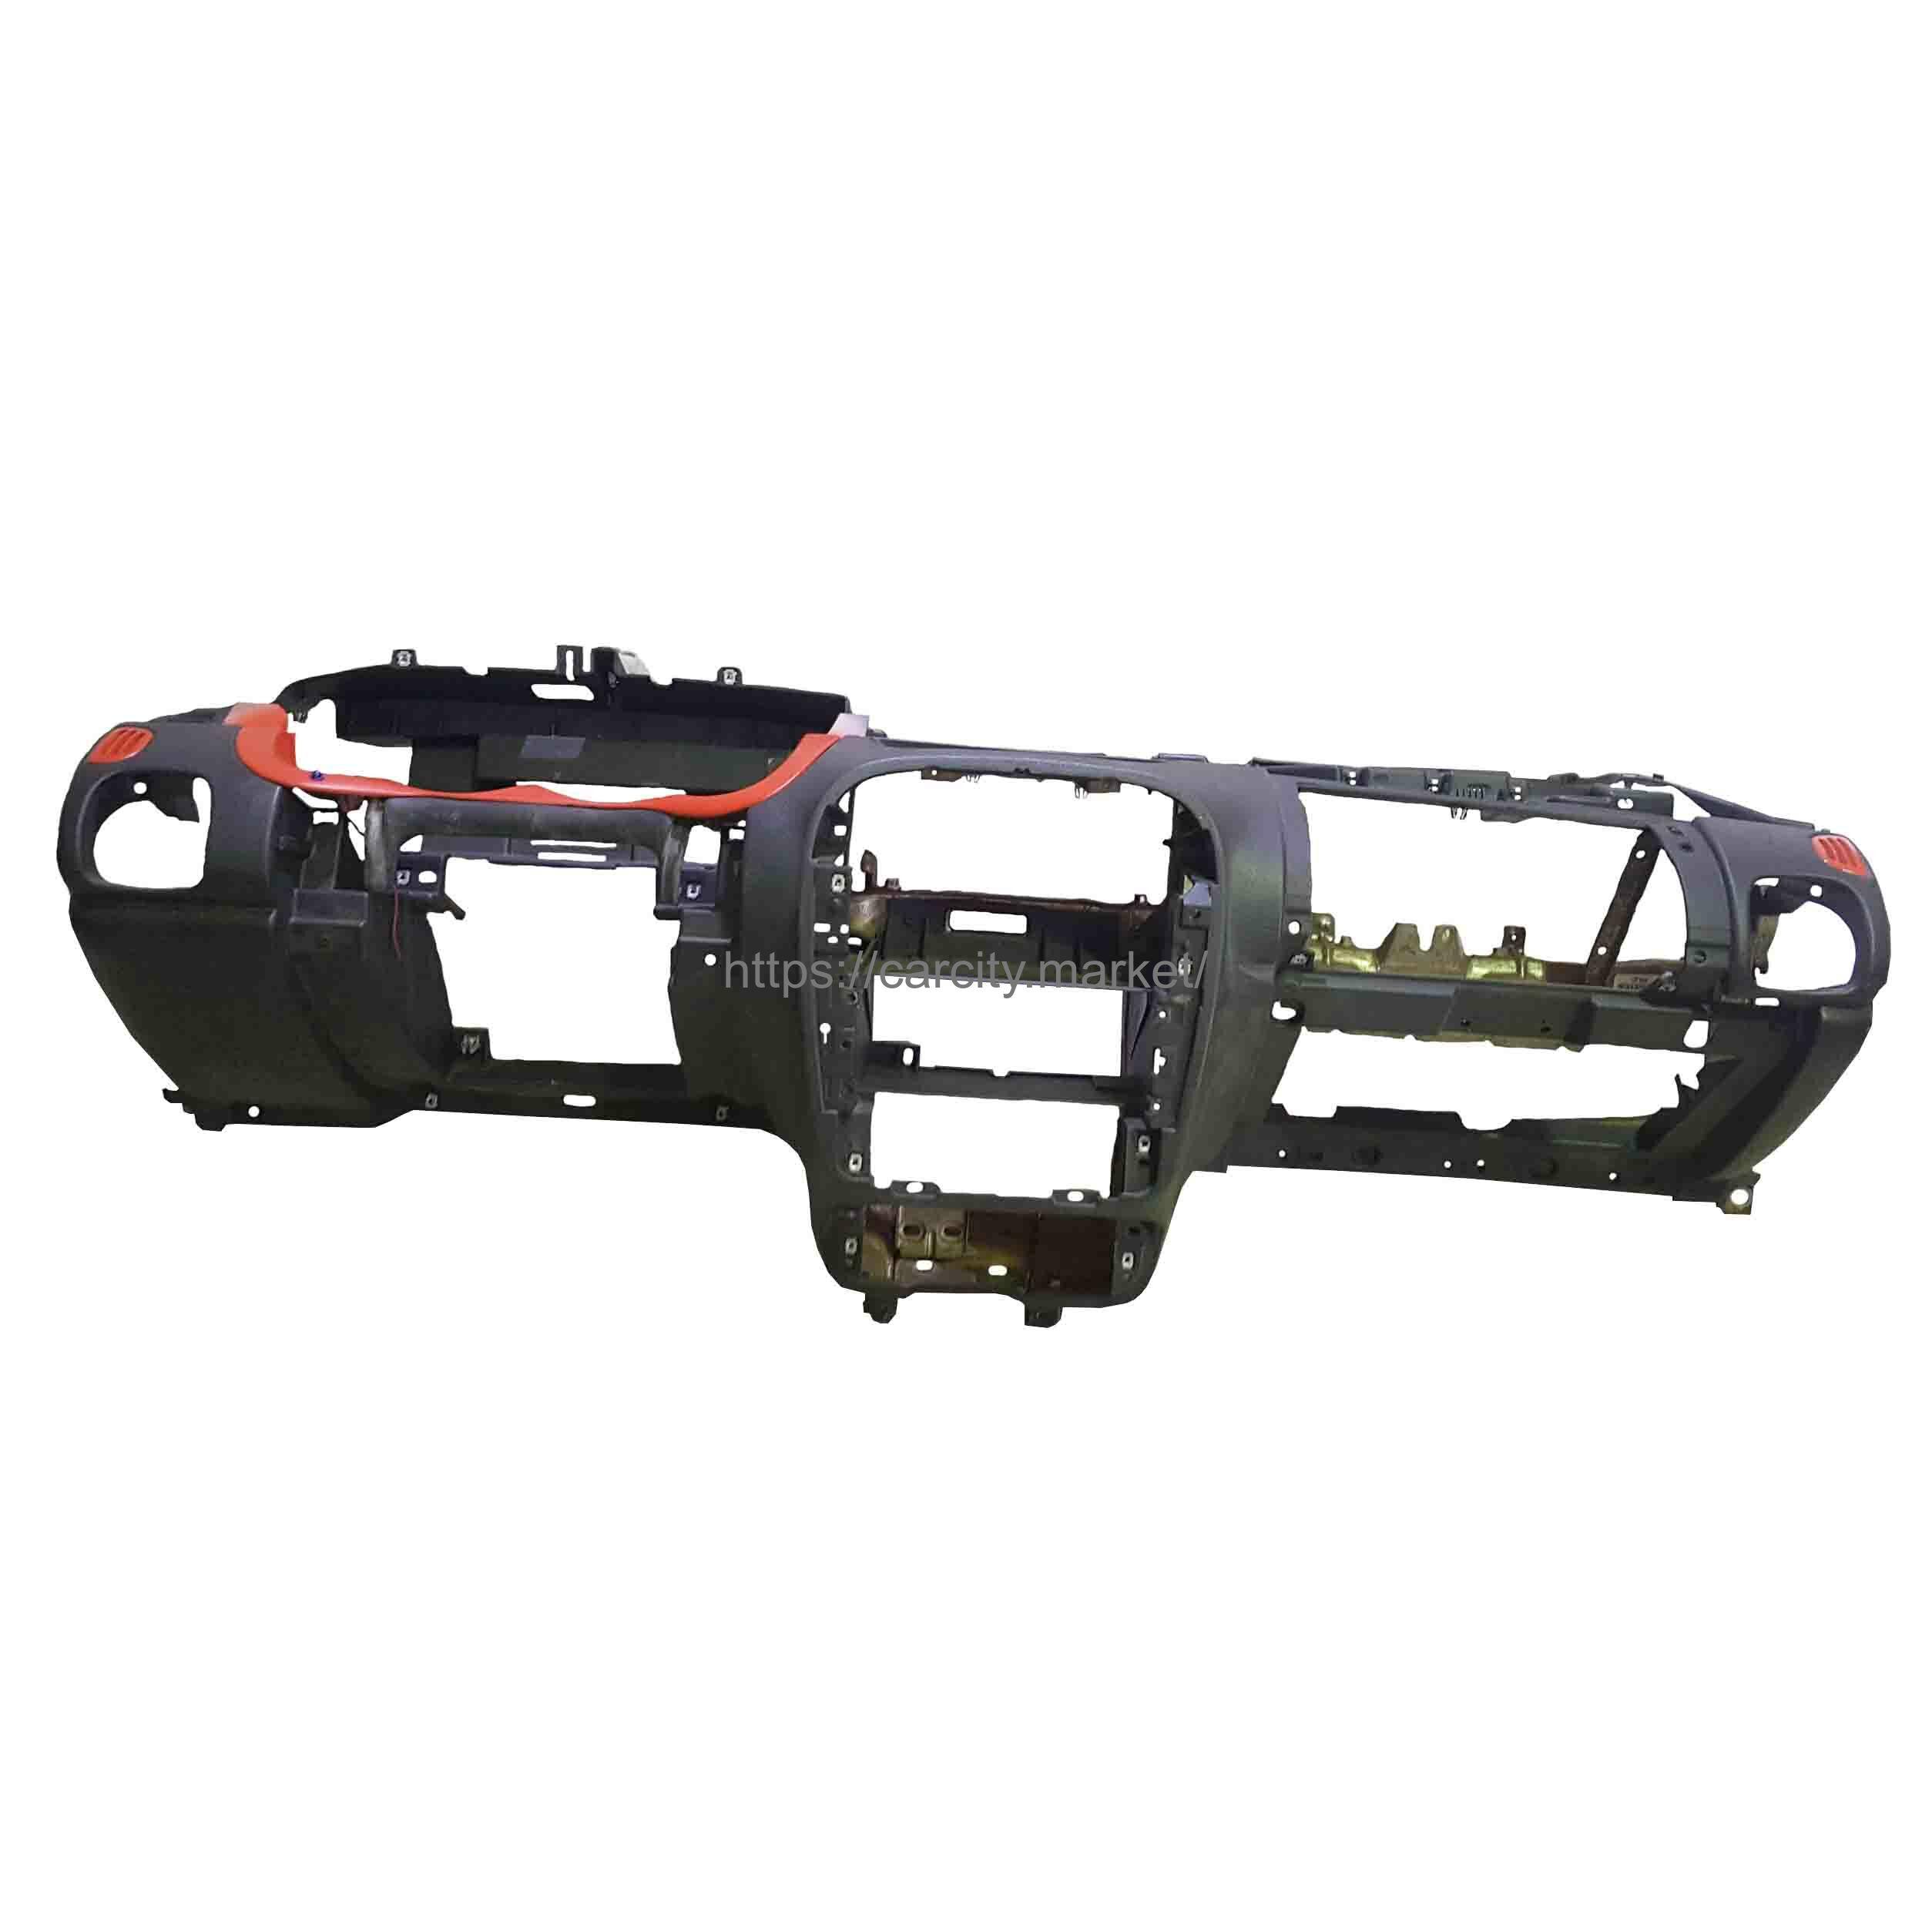 Торпедо (приборная панель) Dodge Neon купить в Карсти Маркет